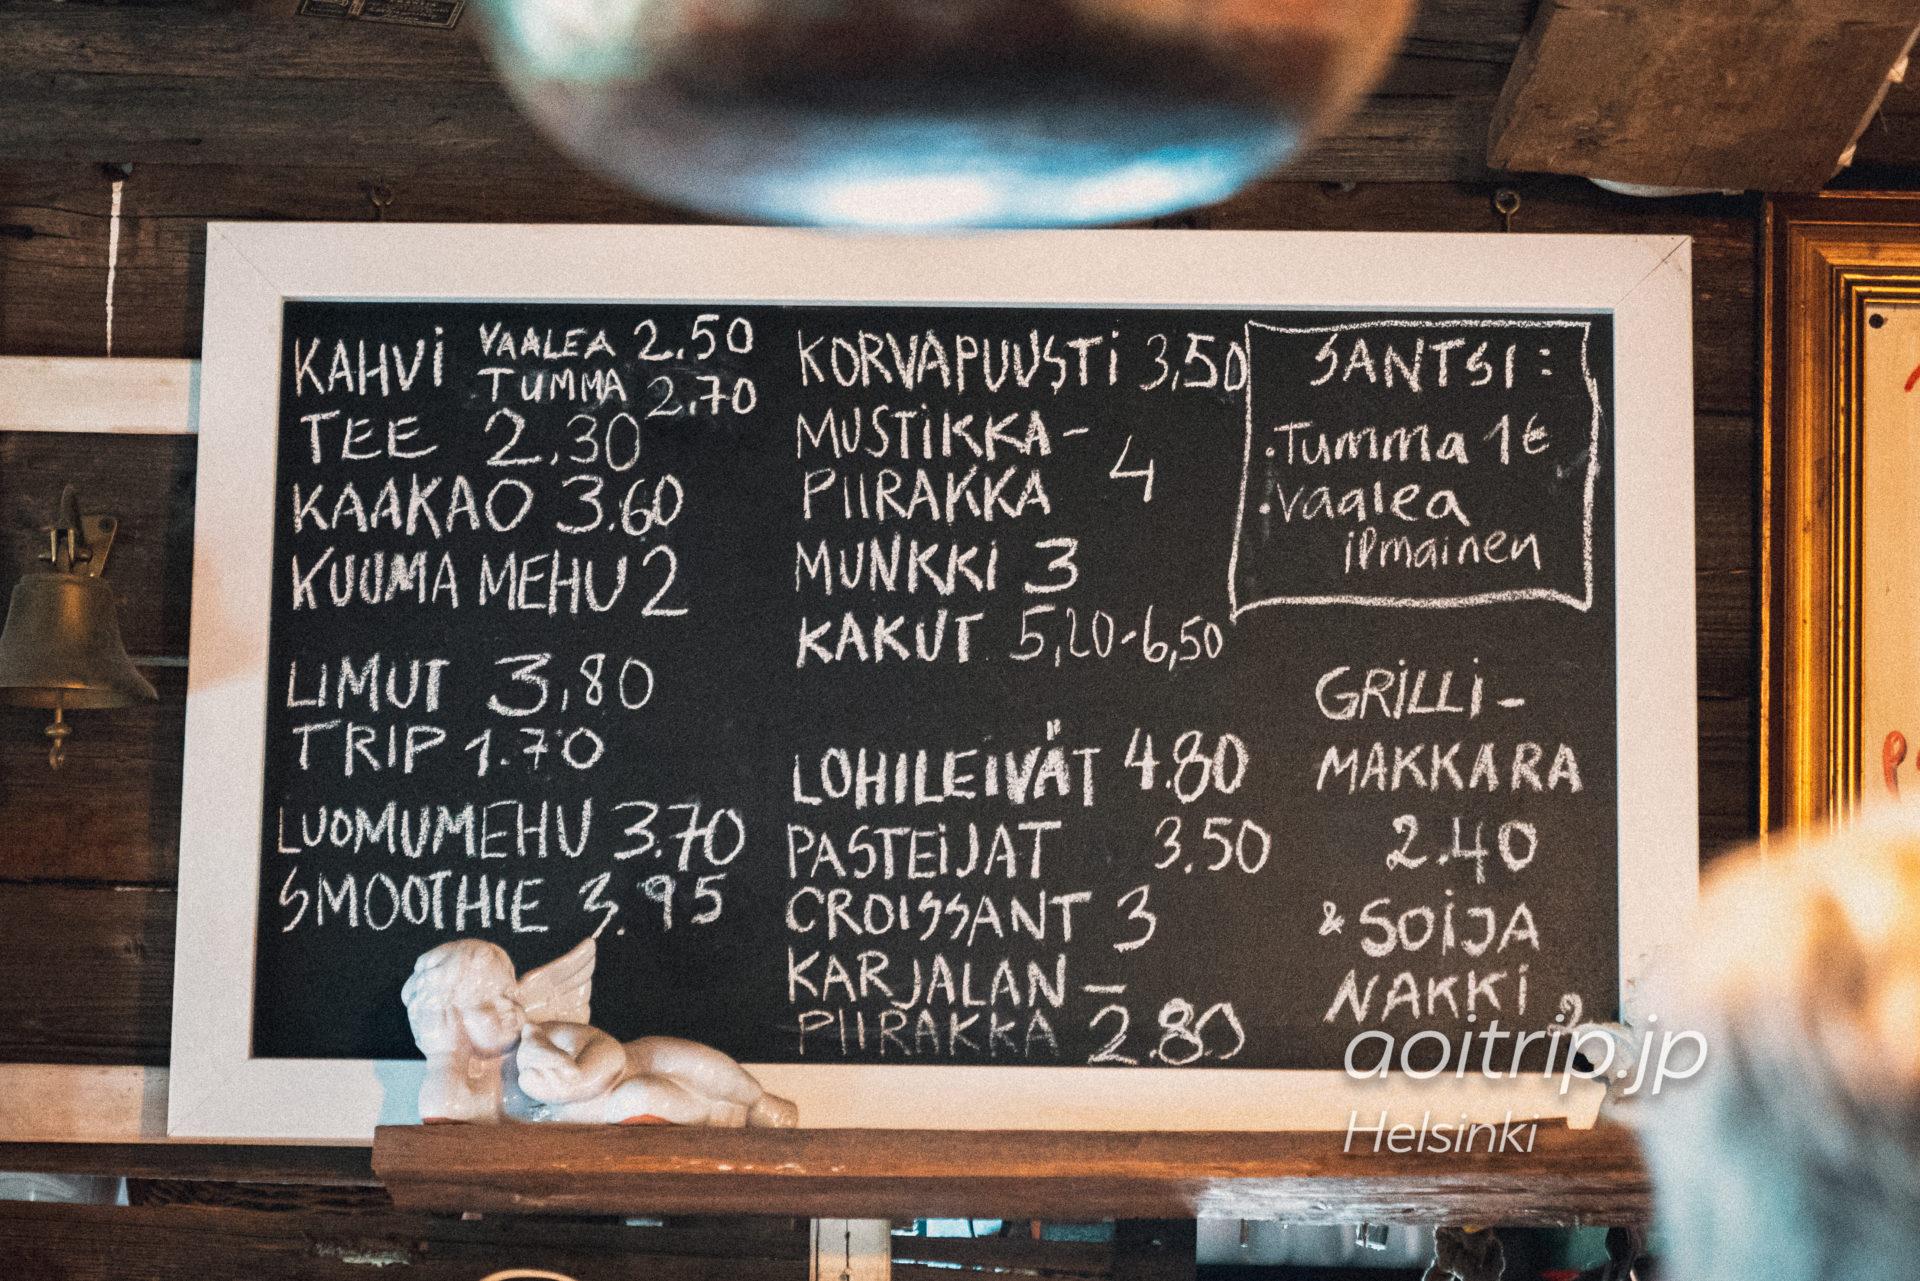 ヘルシンキのカフェRegattaのメニュー